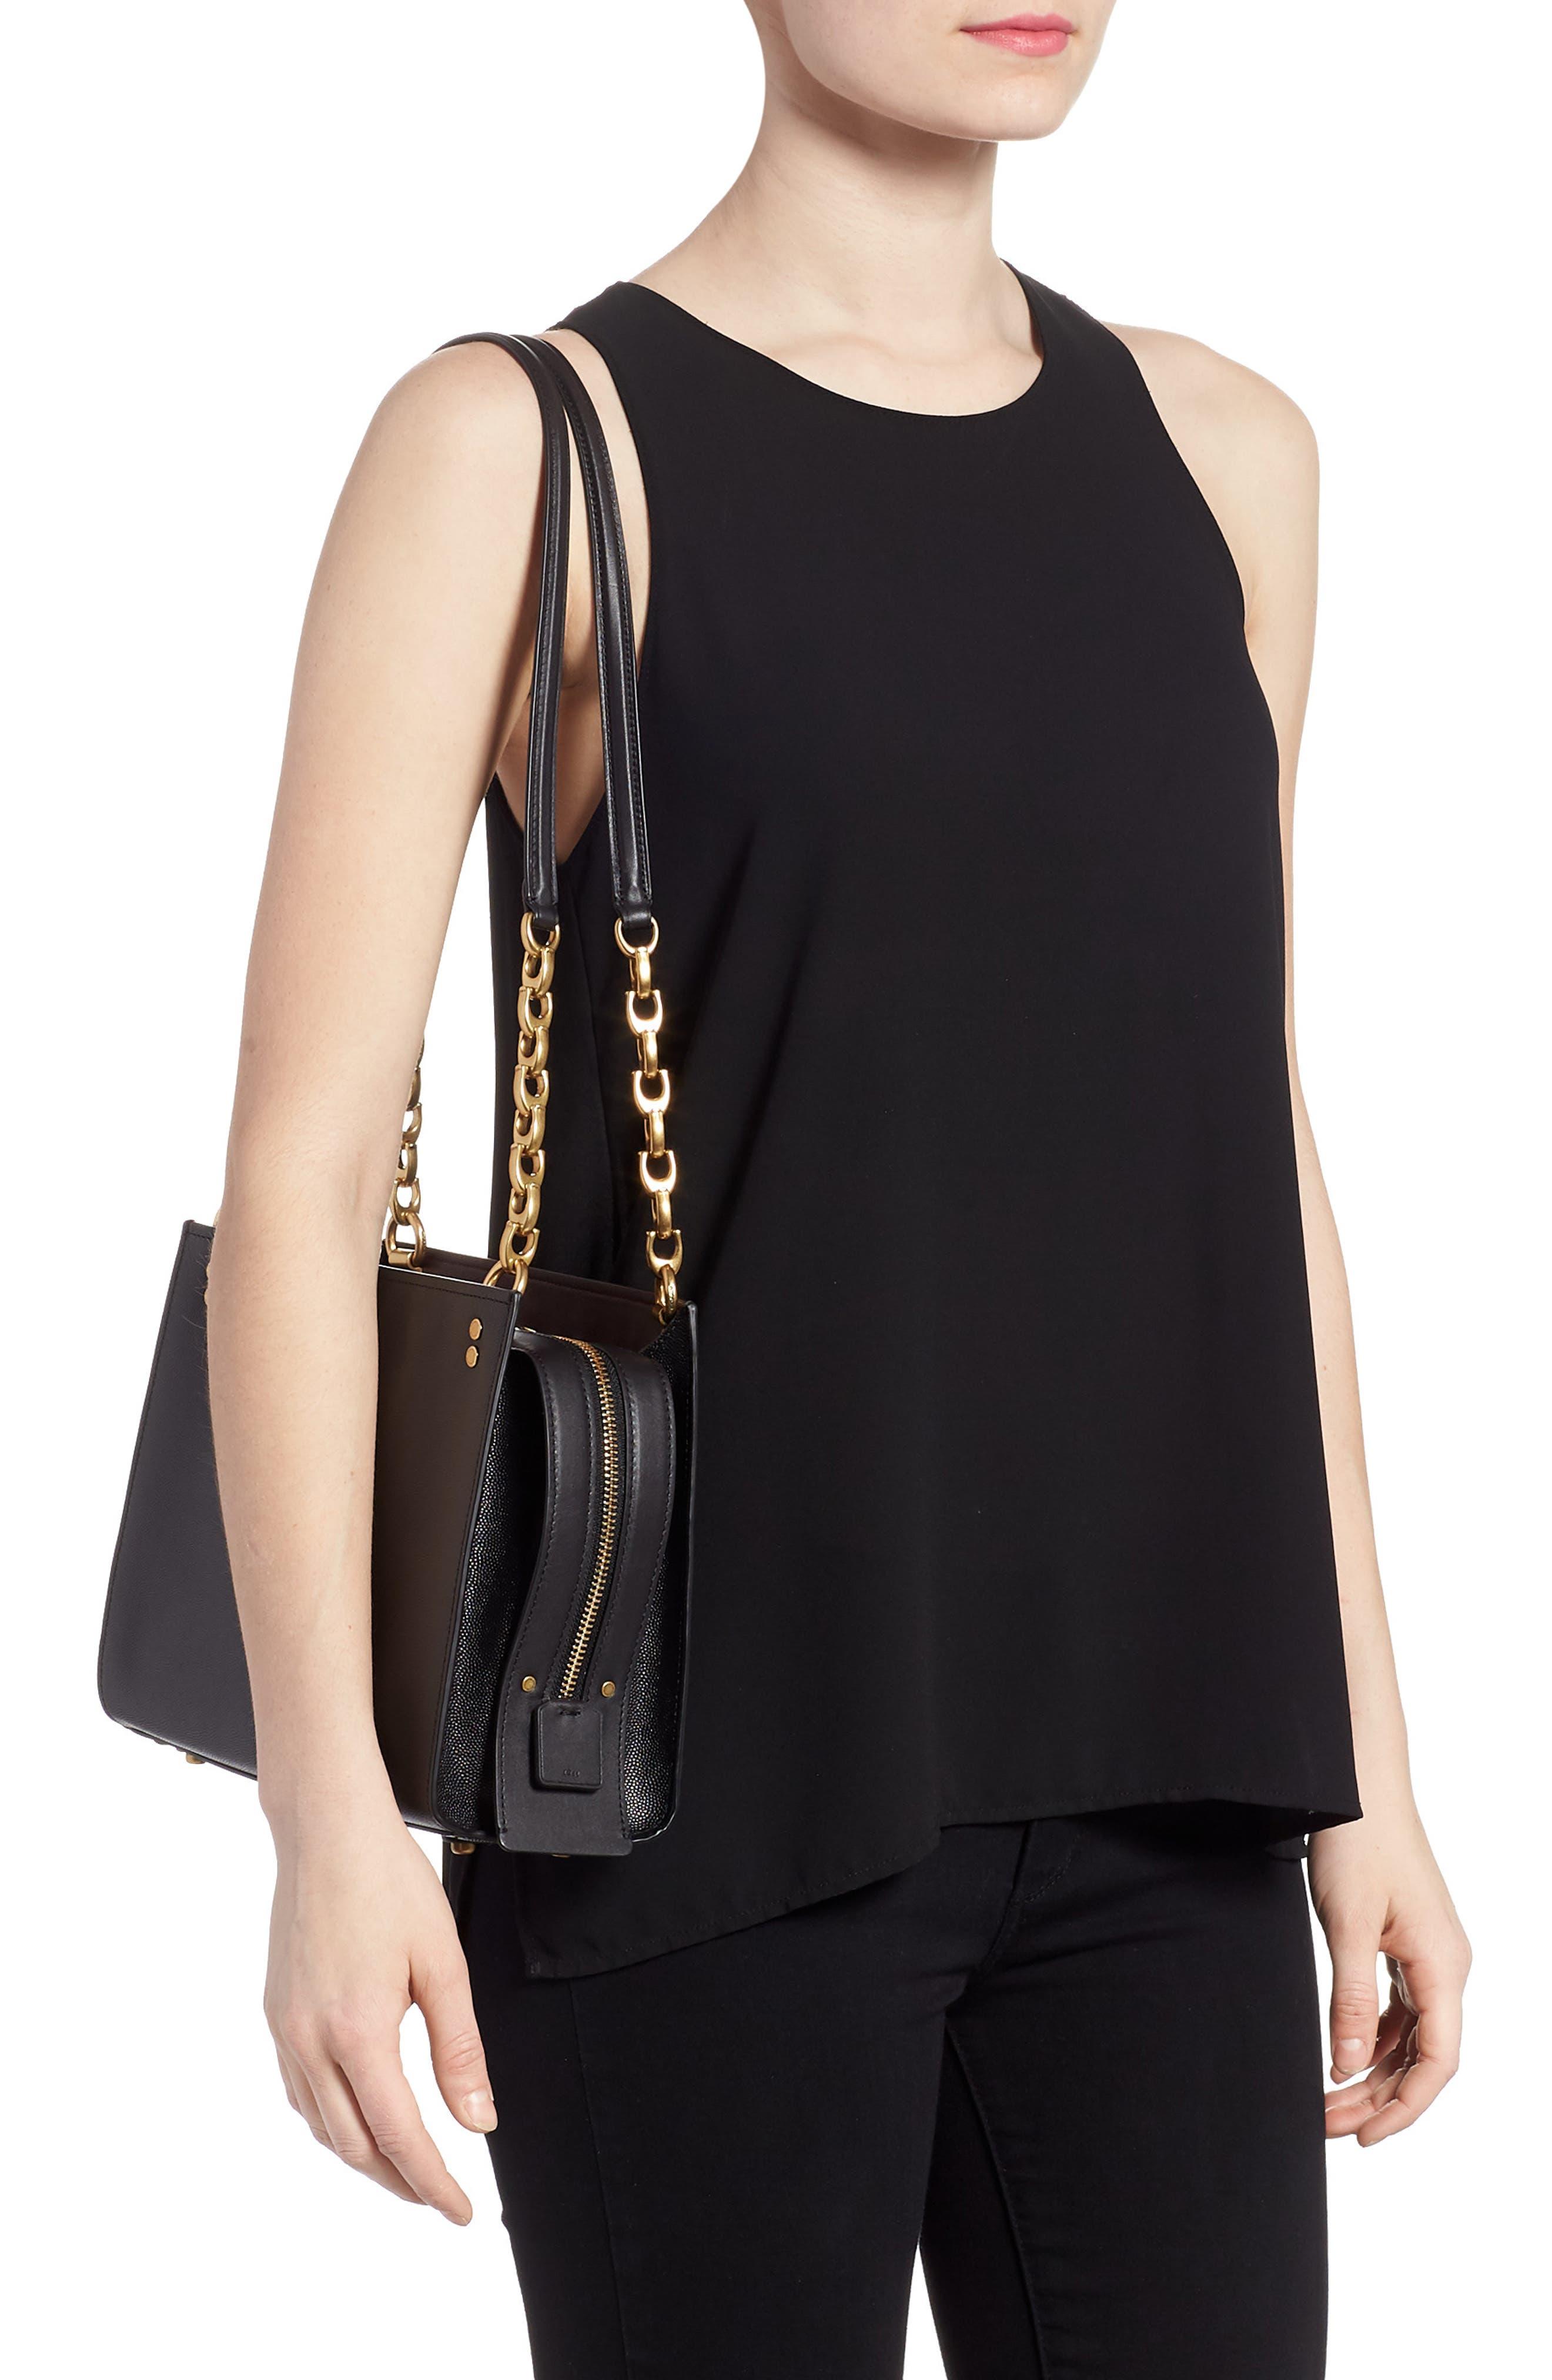 Rogue Leather Shoulder Bag,                             Alternate thumbnail 2, color,                             Black